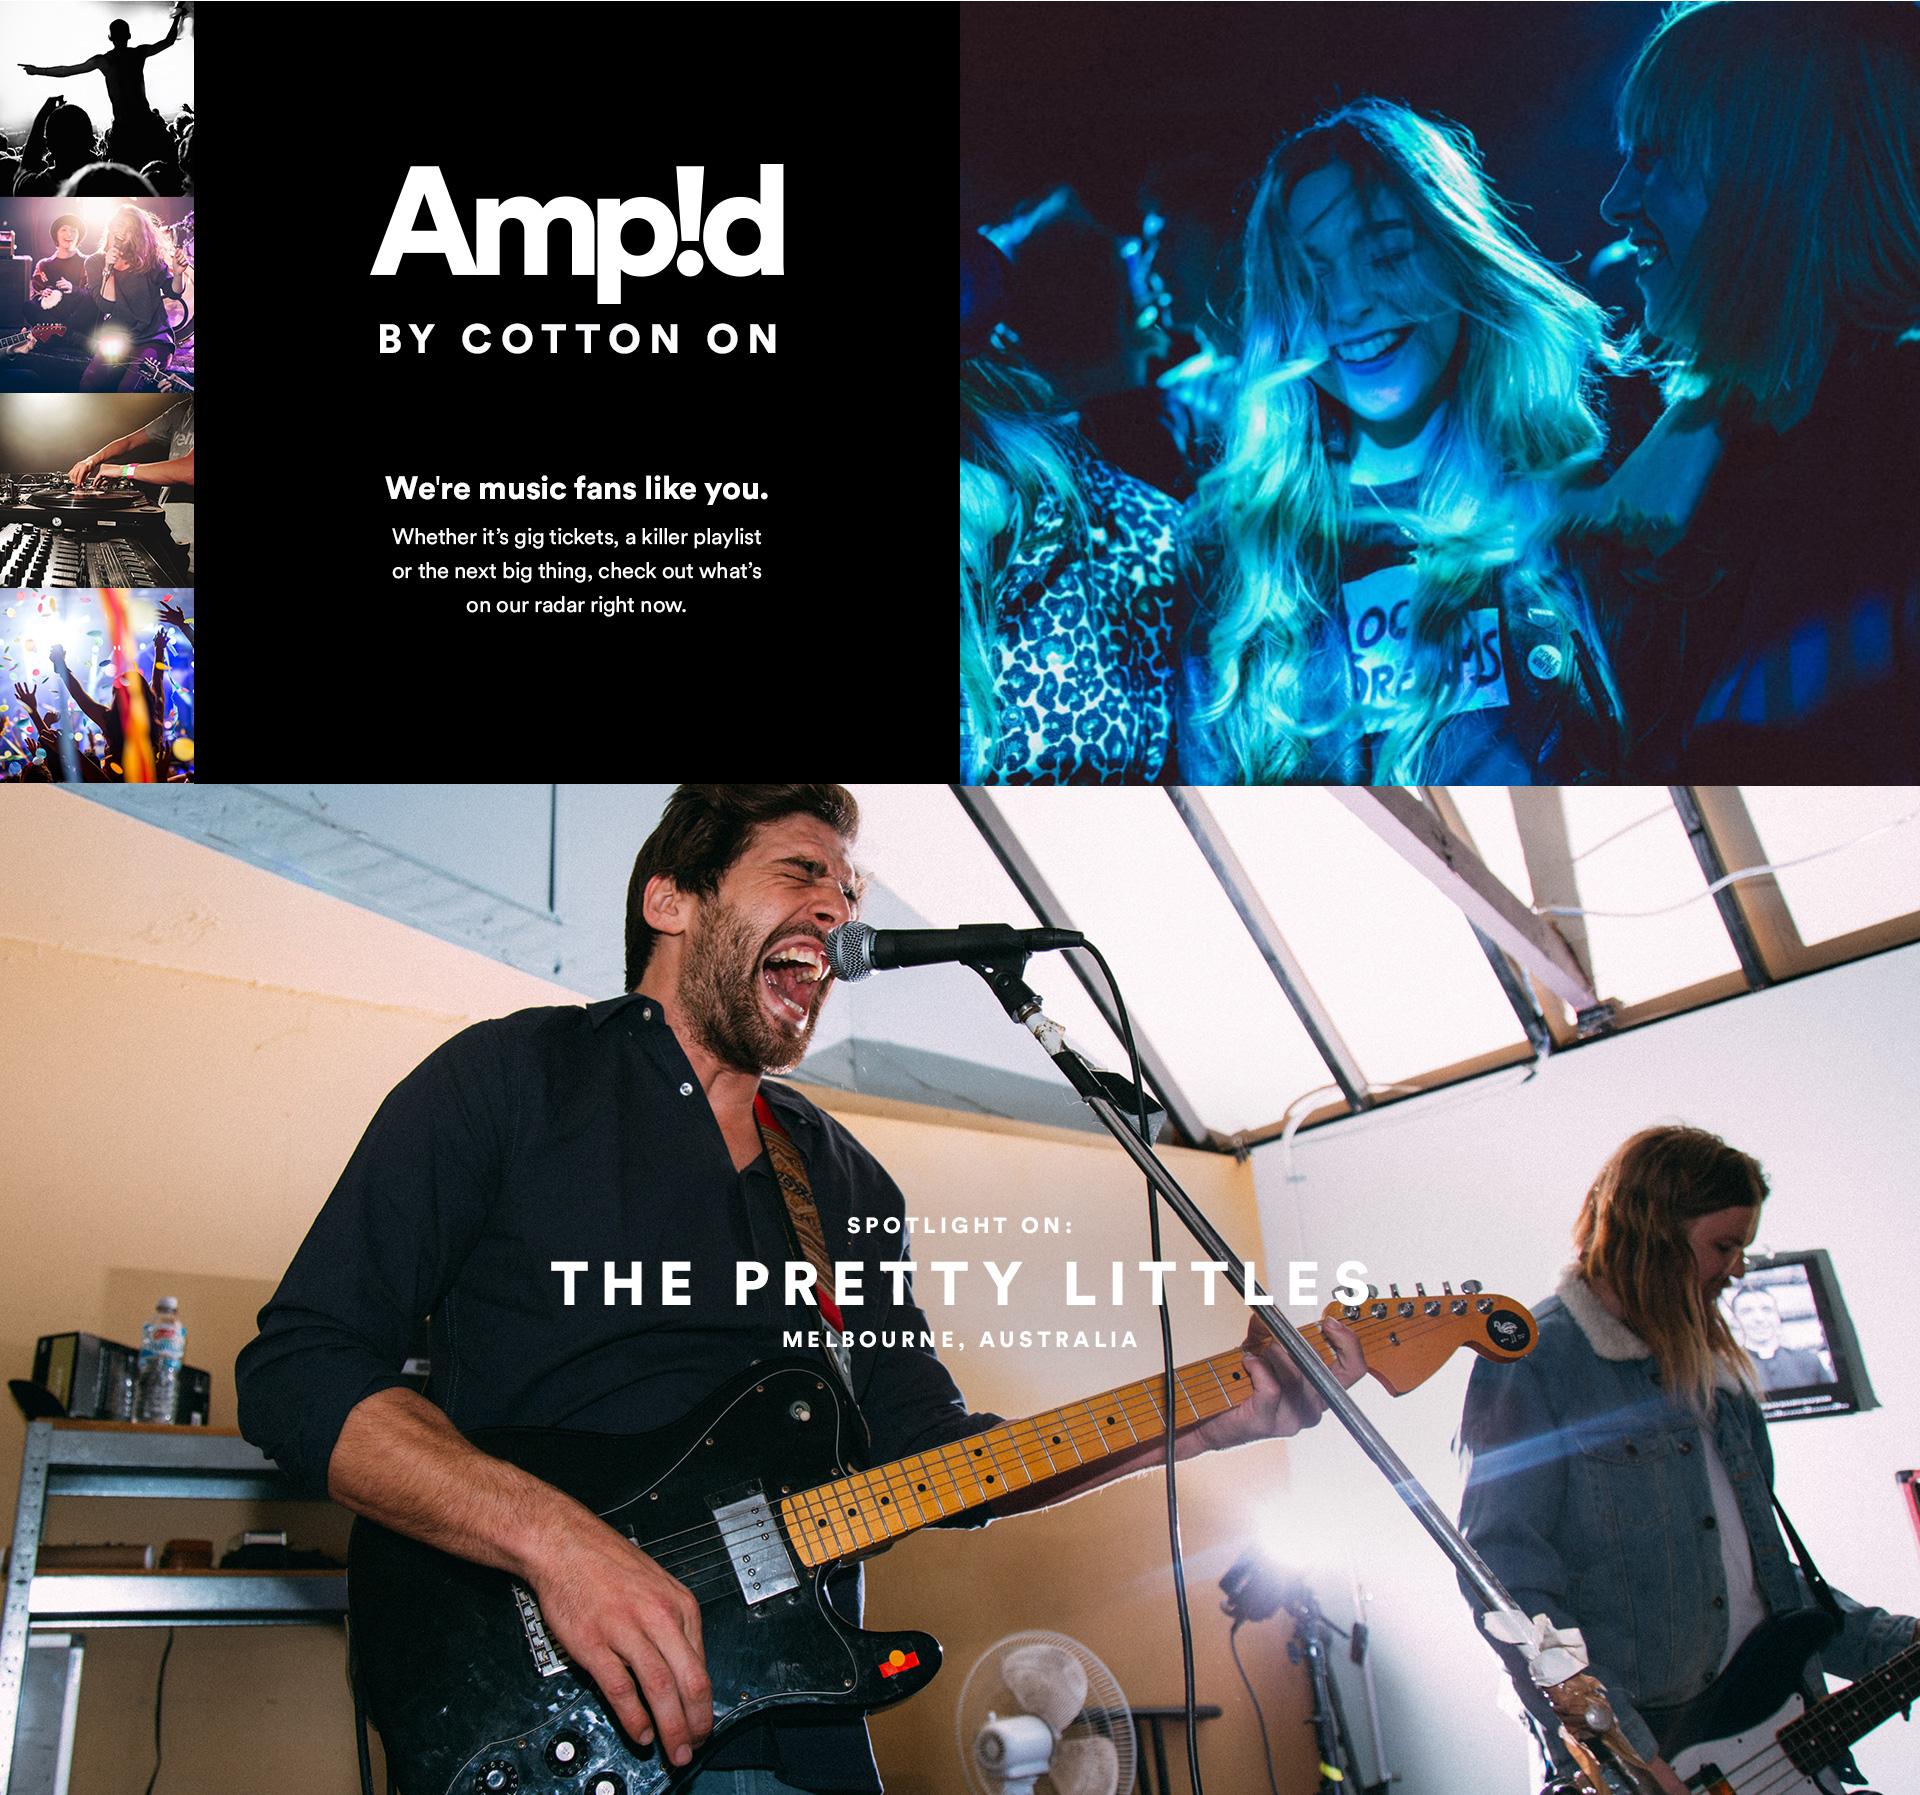 AMP!D